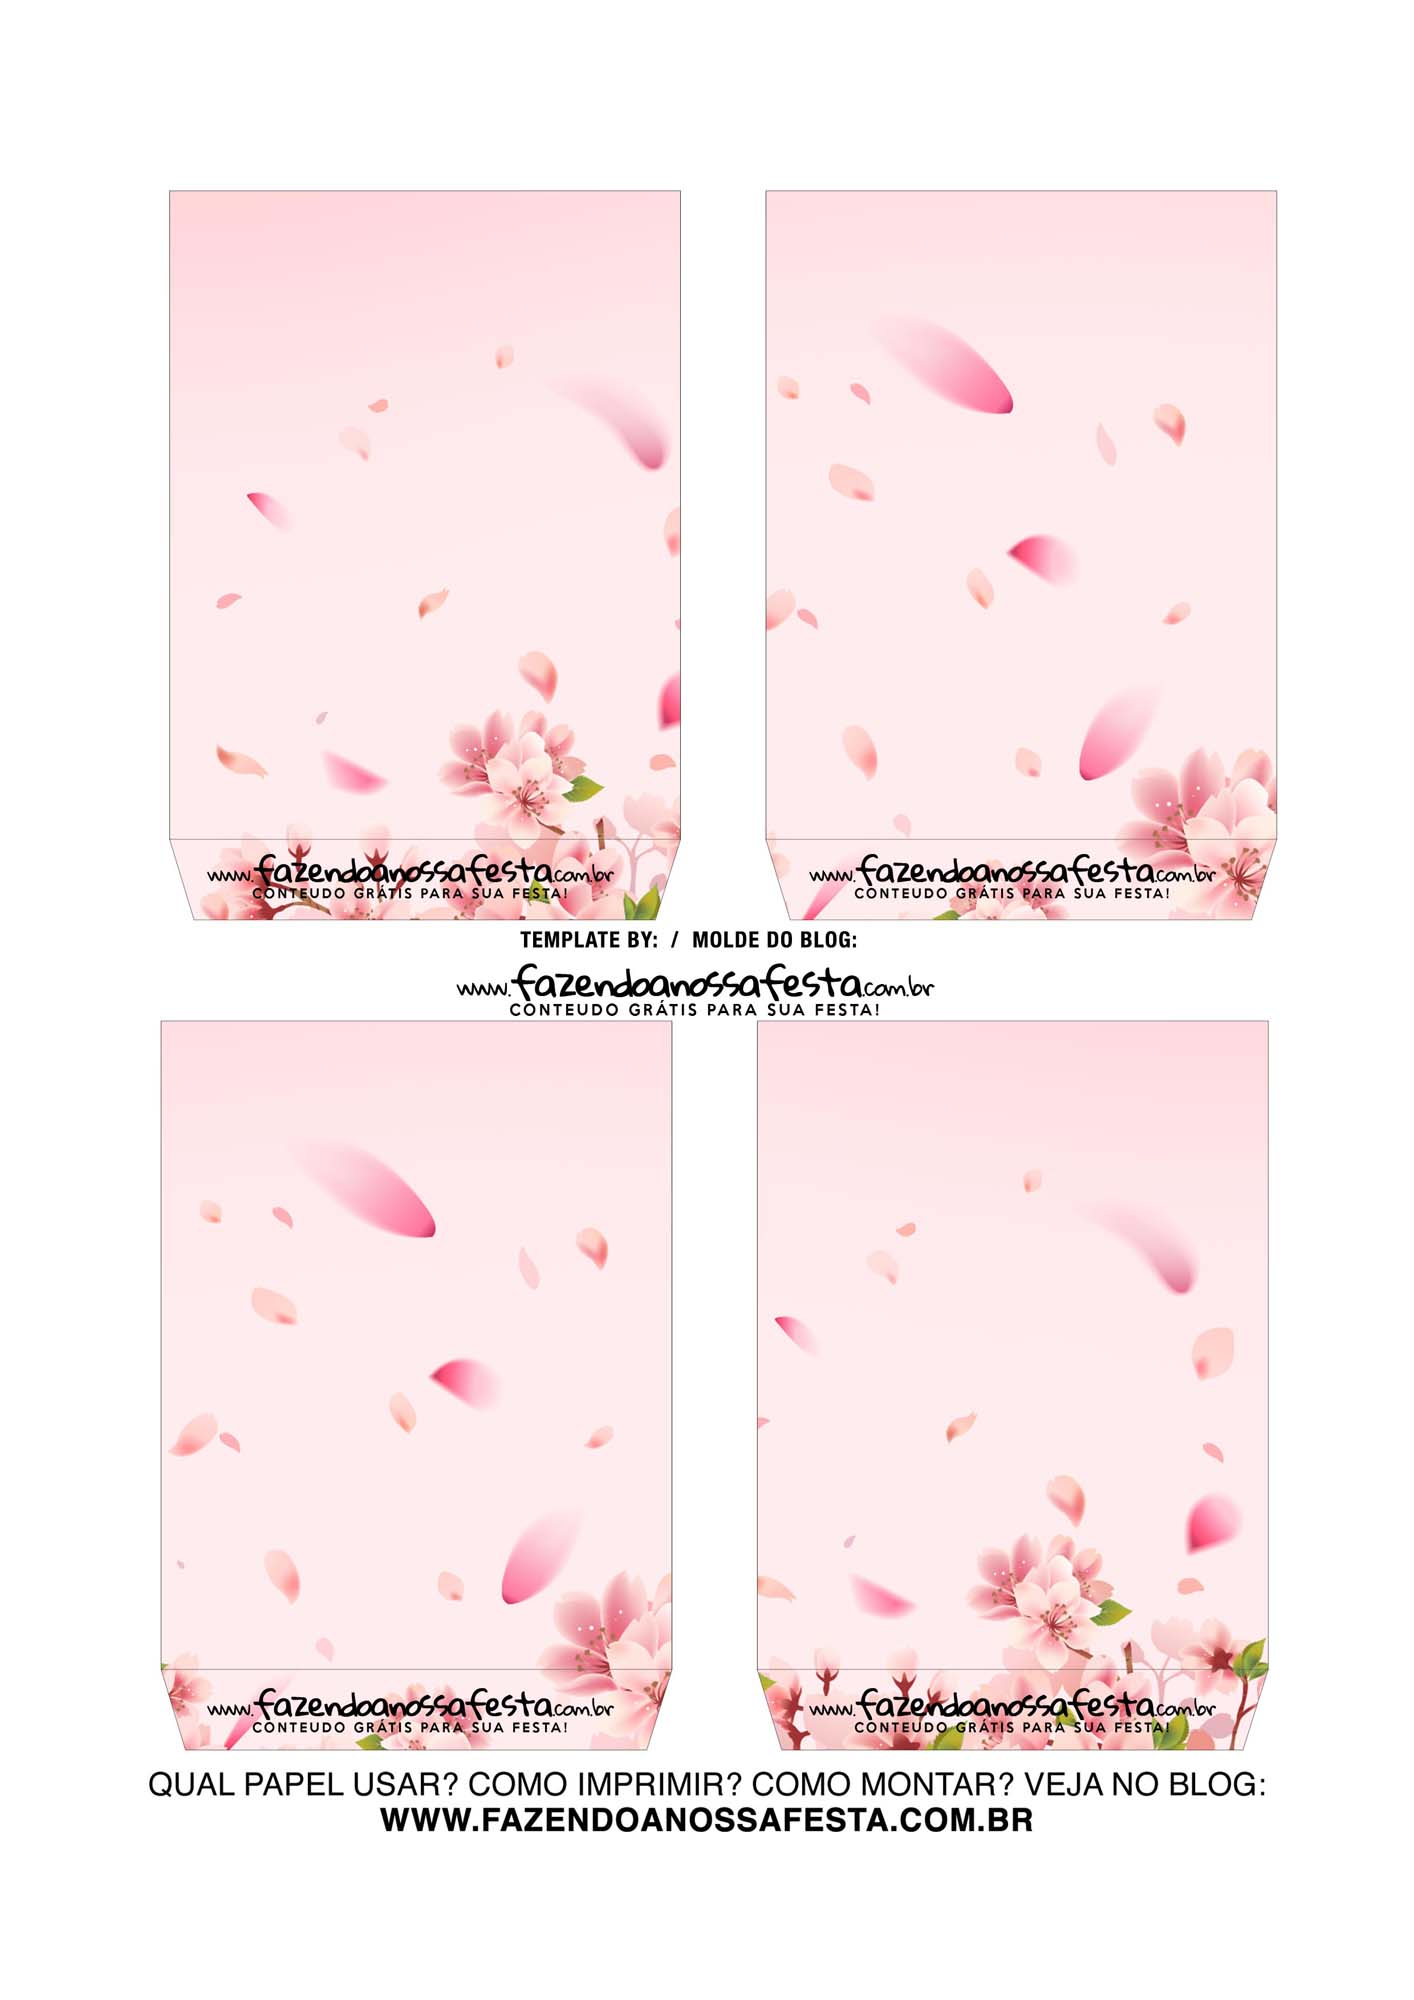 Caixa Explosiva Dia das Maes floral cerejeira 4